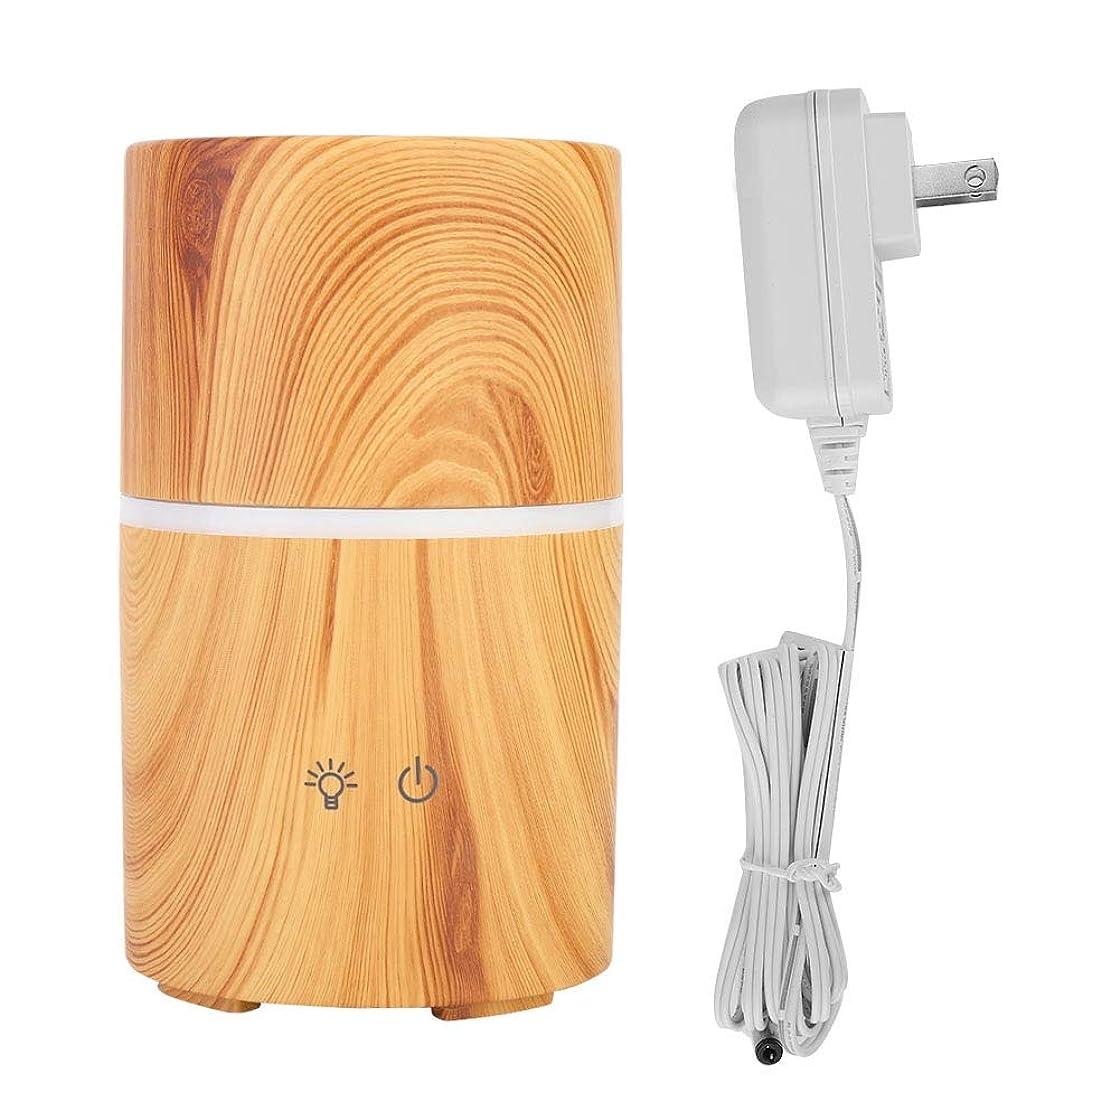 有毒カウントアップチャートクールミスト加湿器、LEDインテリジェントアロマセラピーディフューザーアロマ加湿器空気加湿器、ホーム/ベッドルーム/ベビールーム/オフィス用エッセンシャルオイル加湿器(US Plug-100-240V)